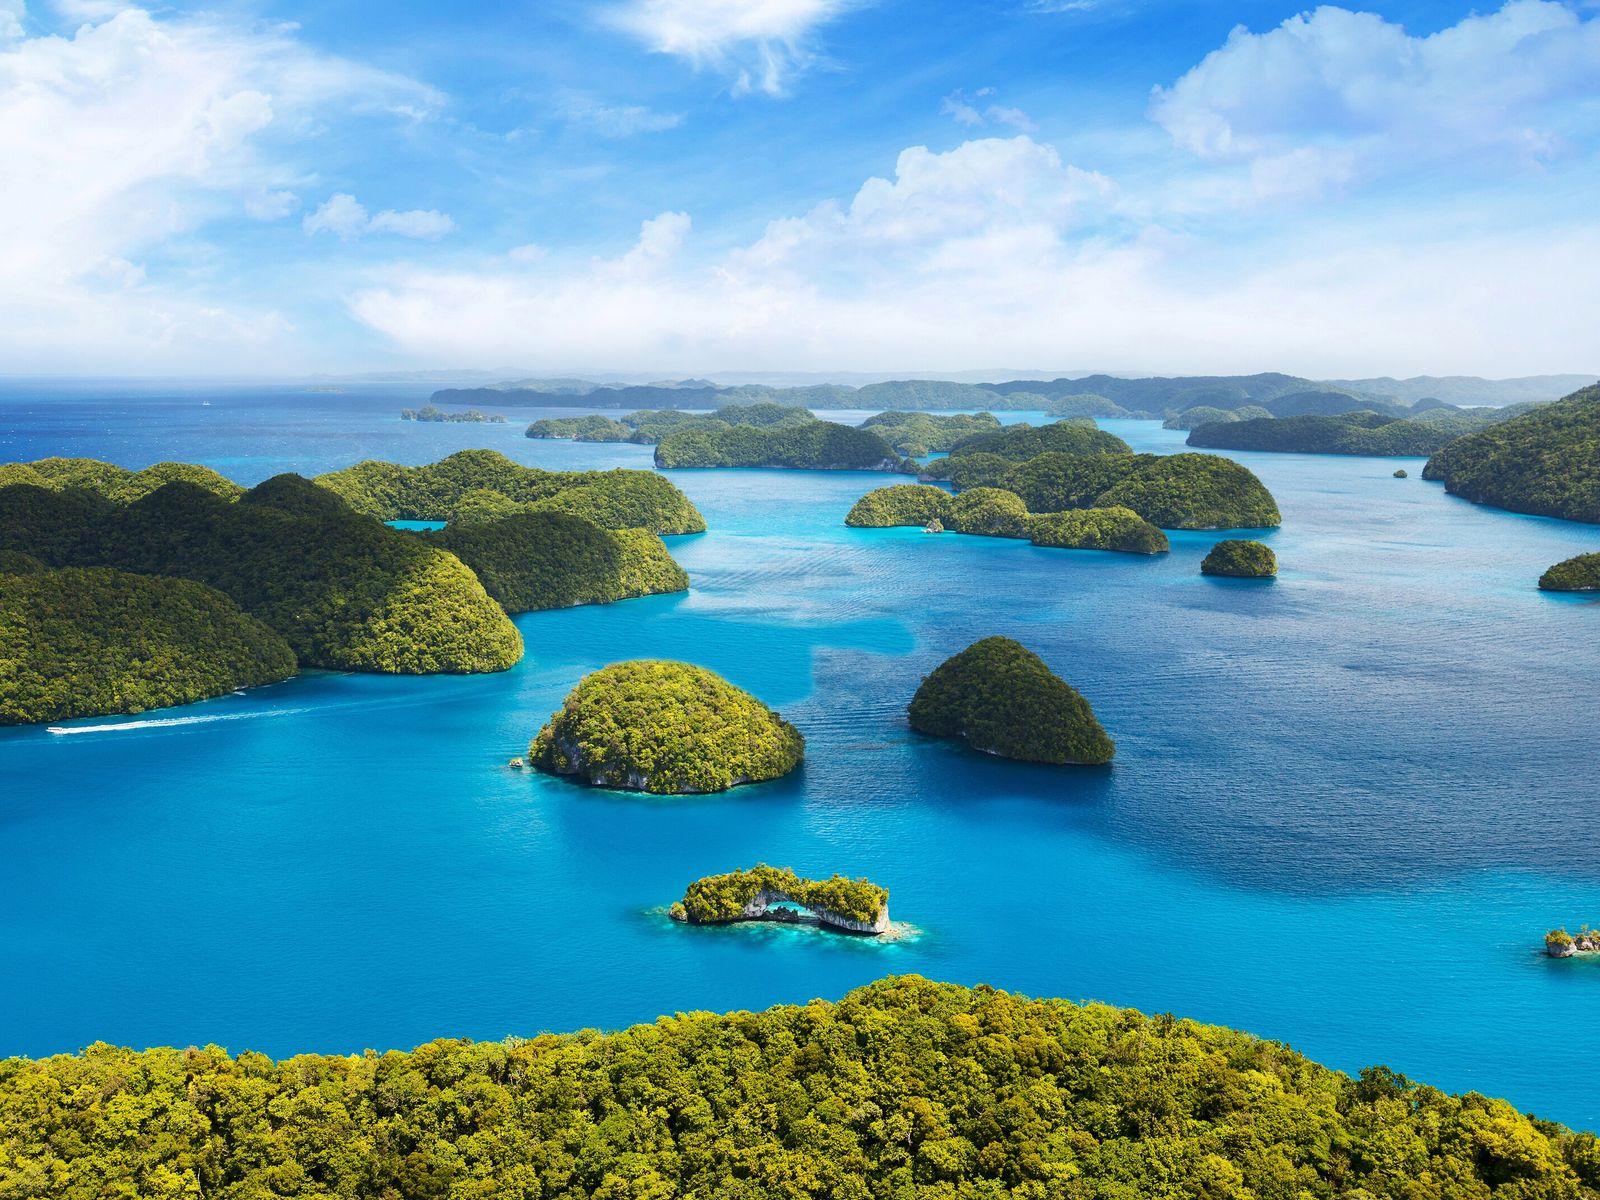 Inselstaat Palau im Pazifischen Ozean